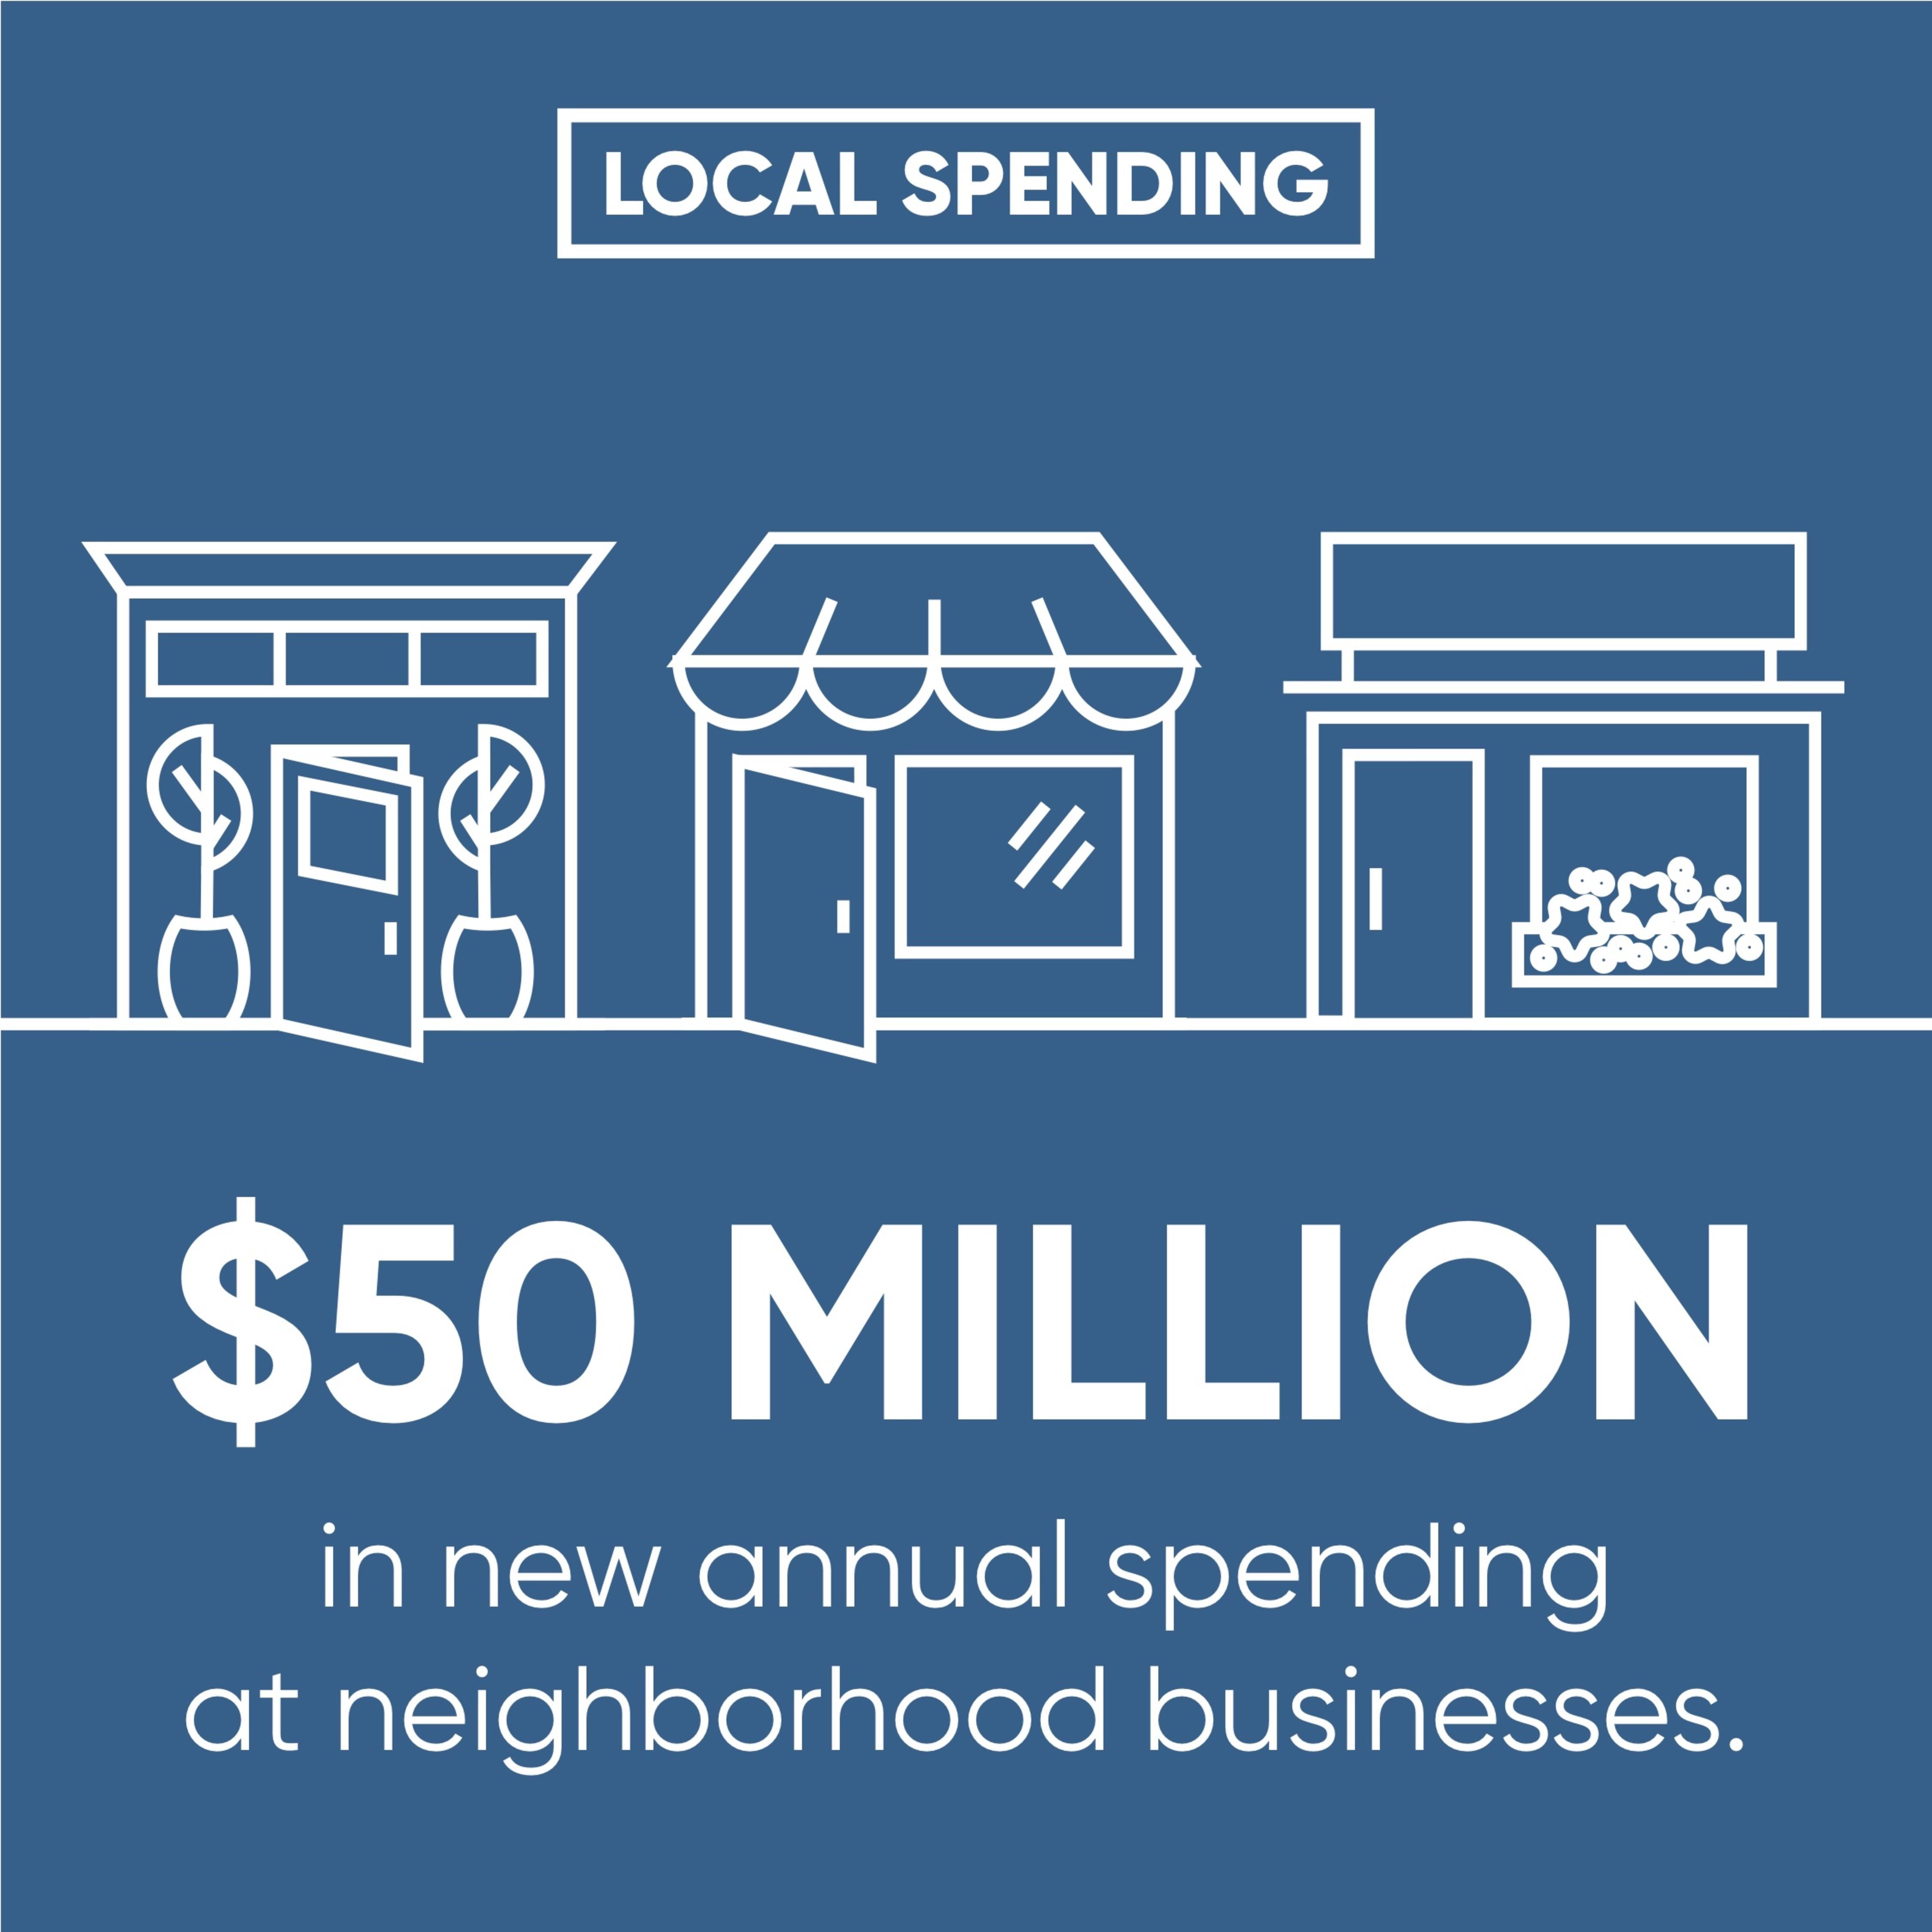 Local Spending